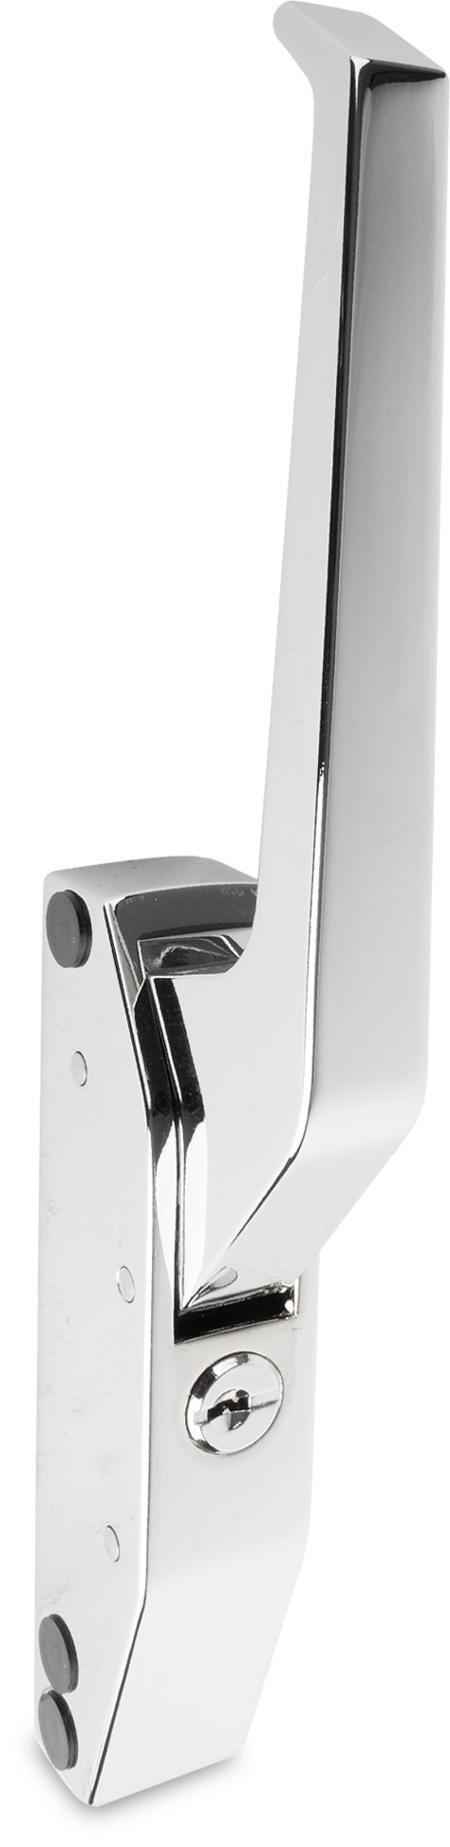 Türverschluss Zink-Druckguss, verchromt, rechts und links verwendbar, Hebel gekröpft, mit Zylinder, mit 2 Schlüsseln, Einheitsschließung E004, seitliche Montage